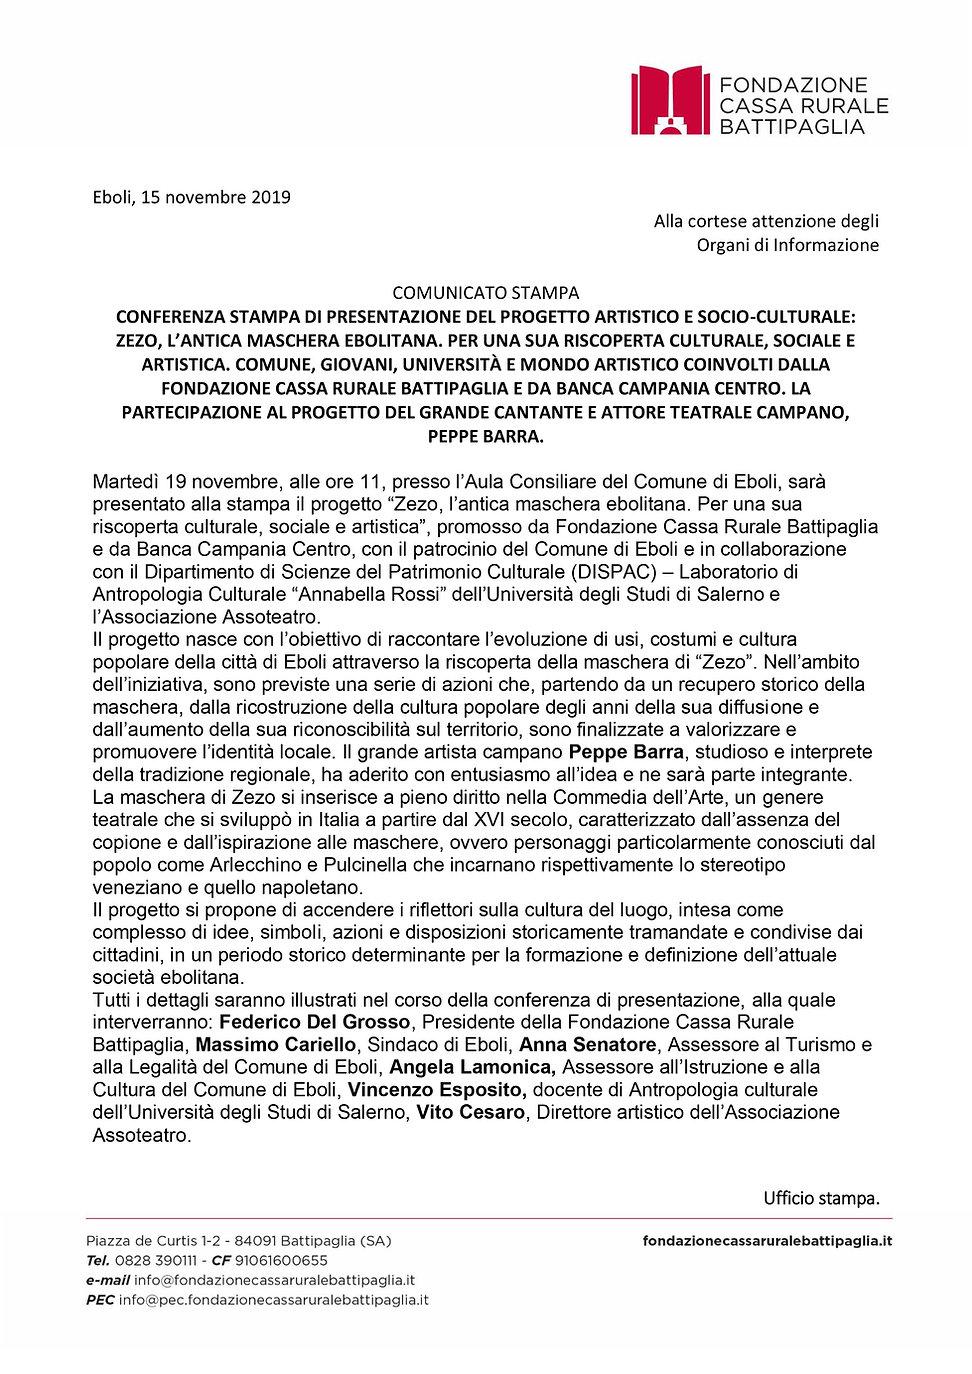 Comunicato Stampa Eboli 19 nov Fondazion